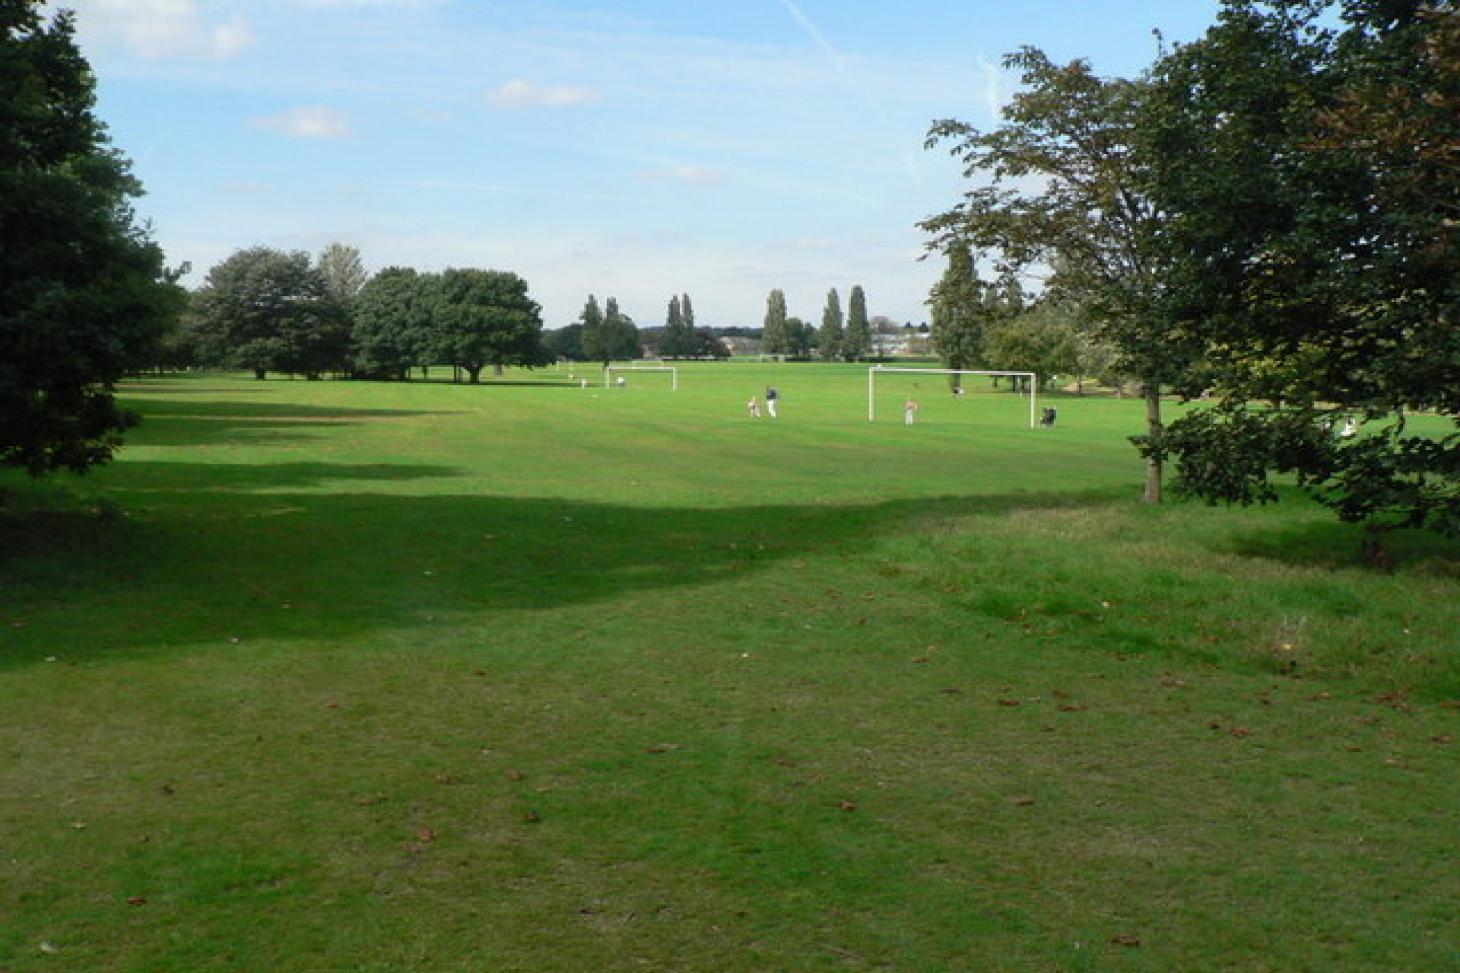 Danson Park 11 a side | Grass football pitch